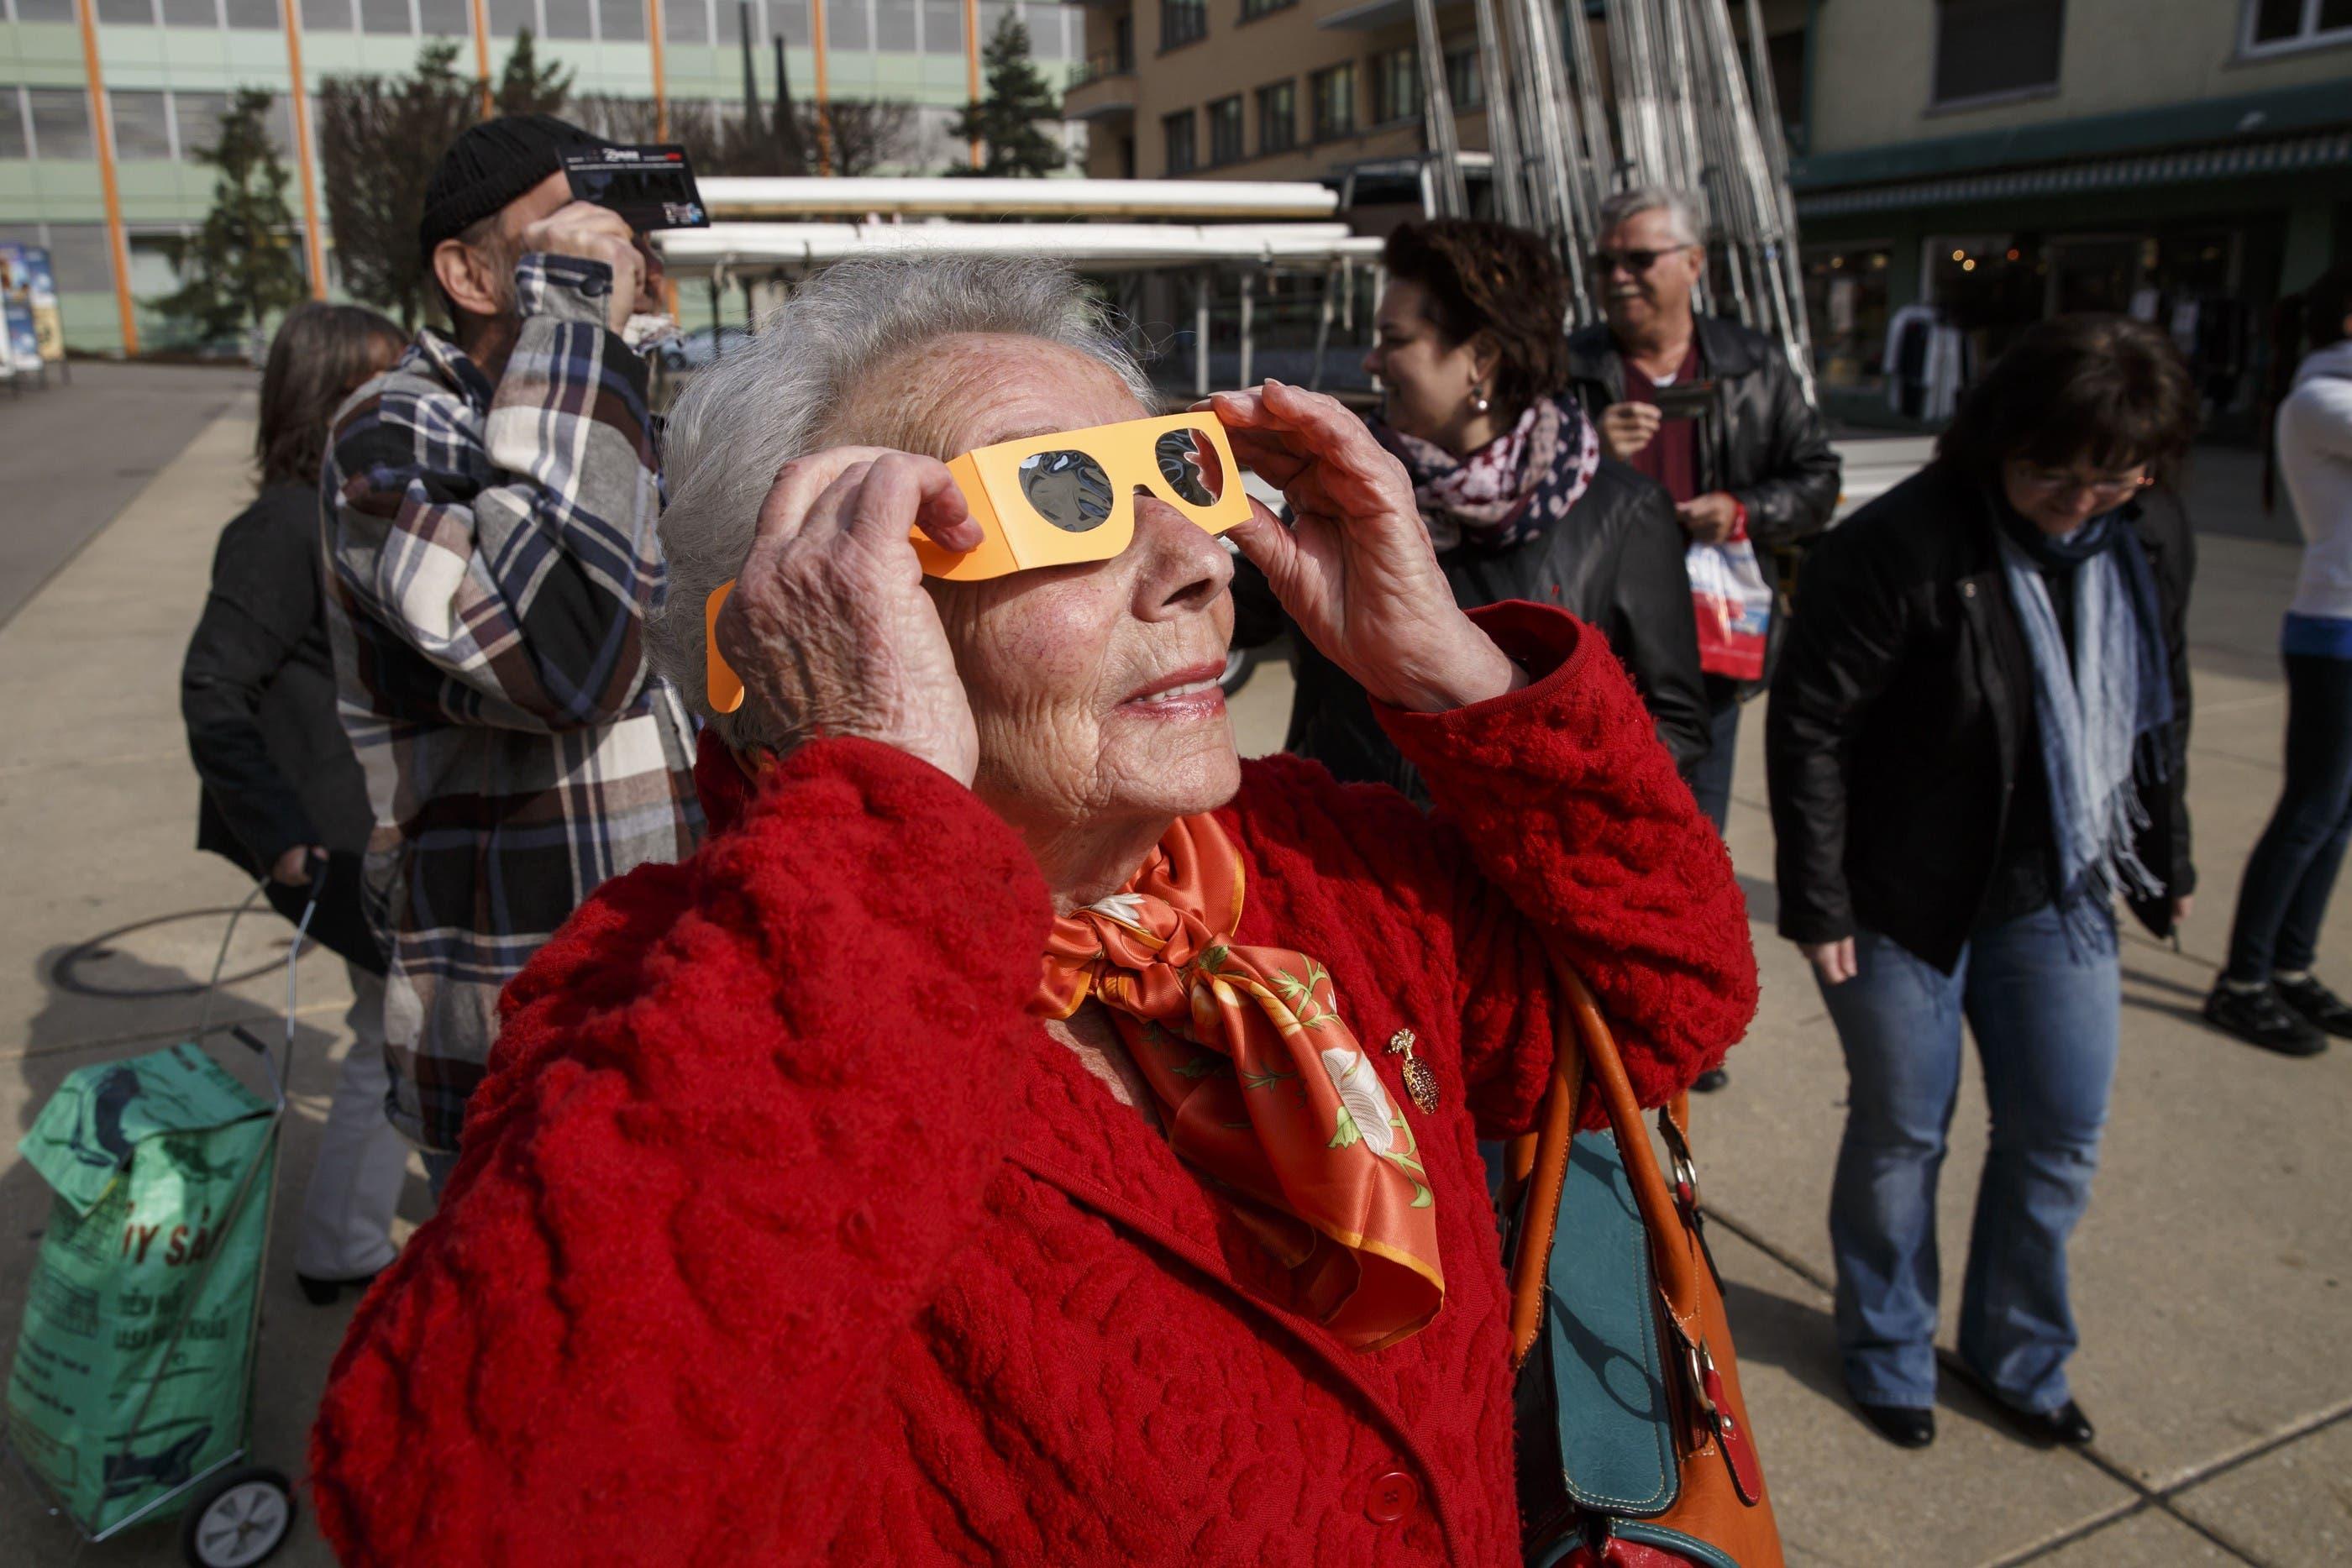 So erlebten die Menschen die Sonnenfinsternis in Solothurn